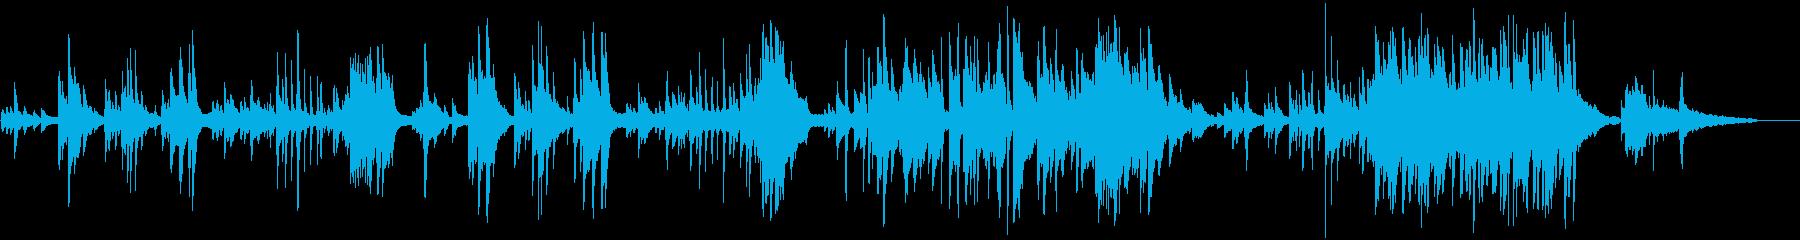 感傷的で切ないシーンのピアノ曲の再生済みの波形